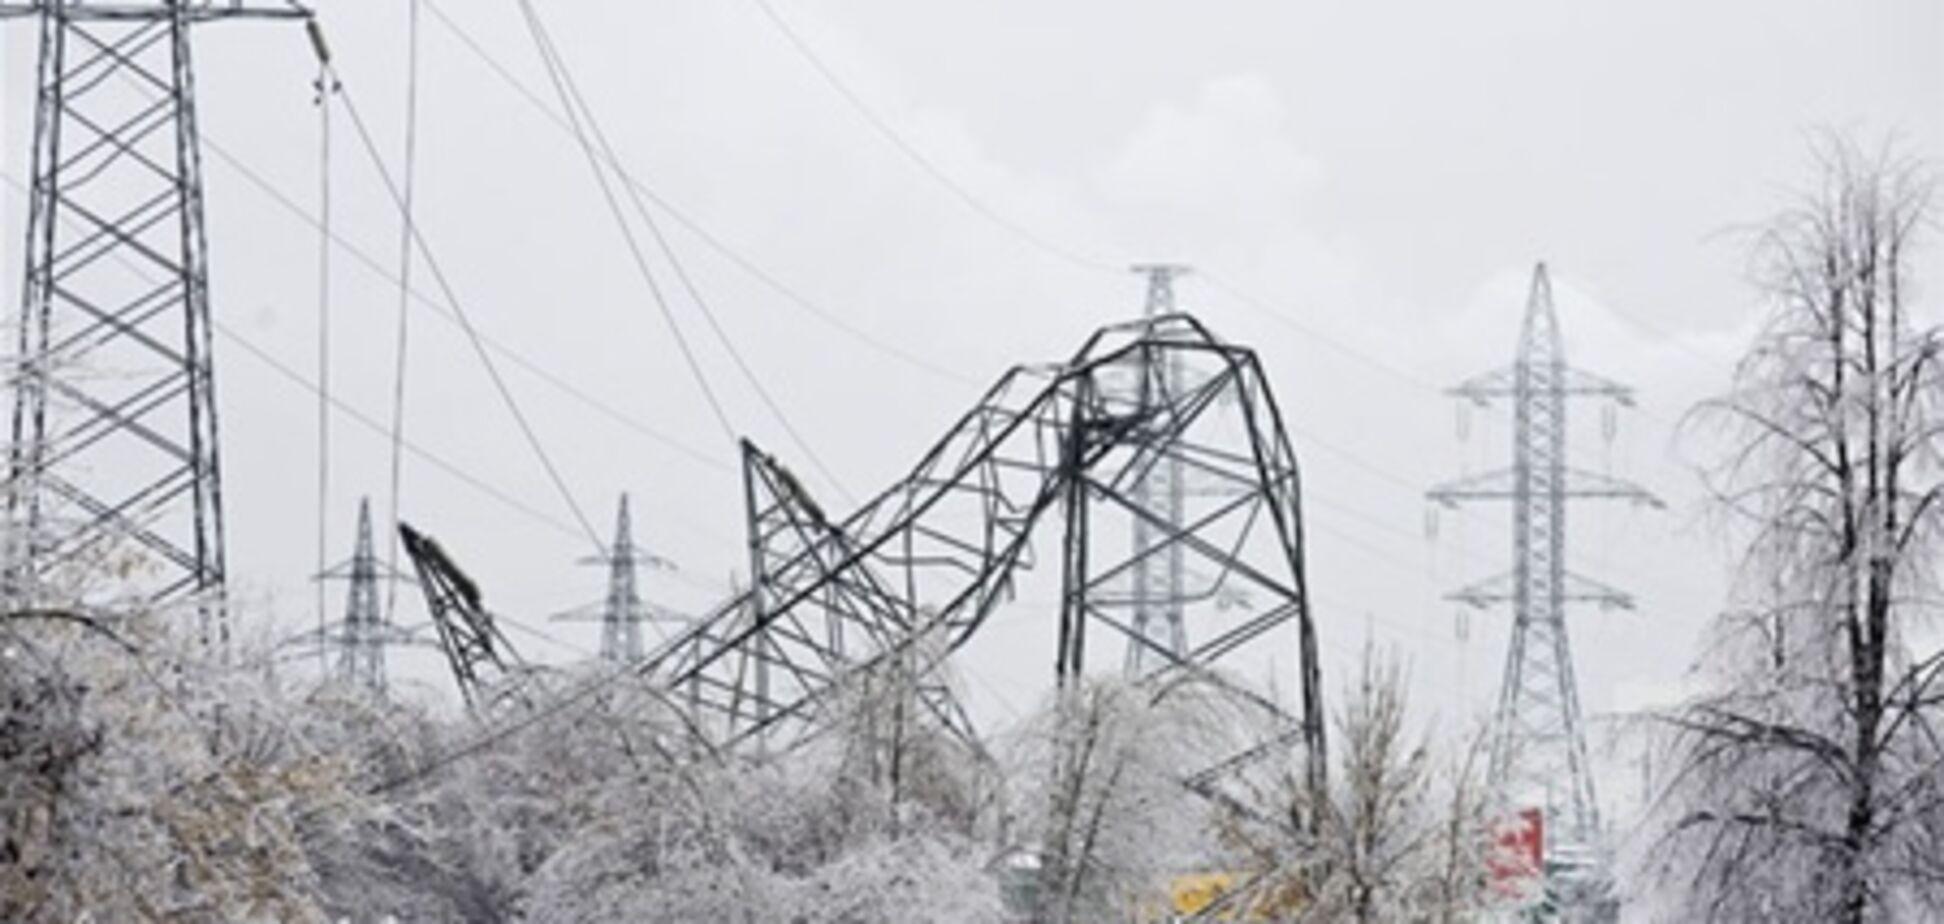 Непогода обесточила 58 населенных пунктов Украины